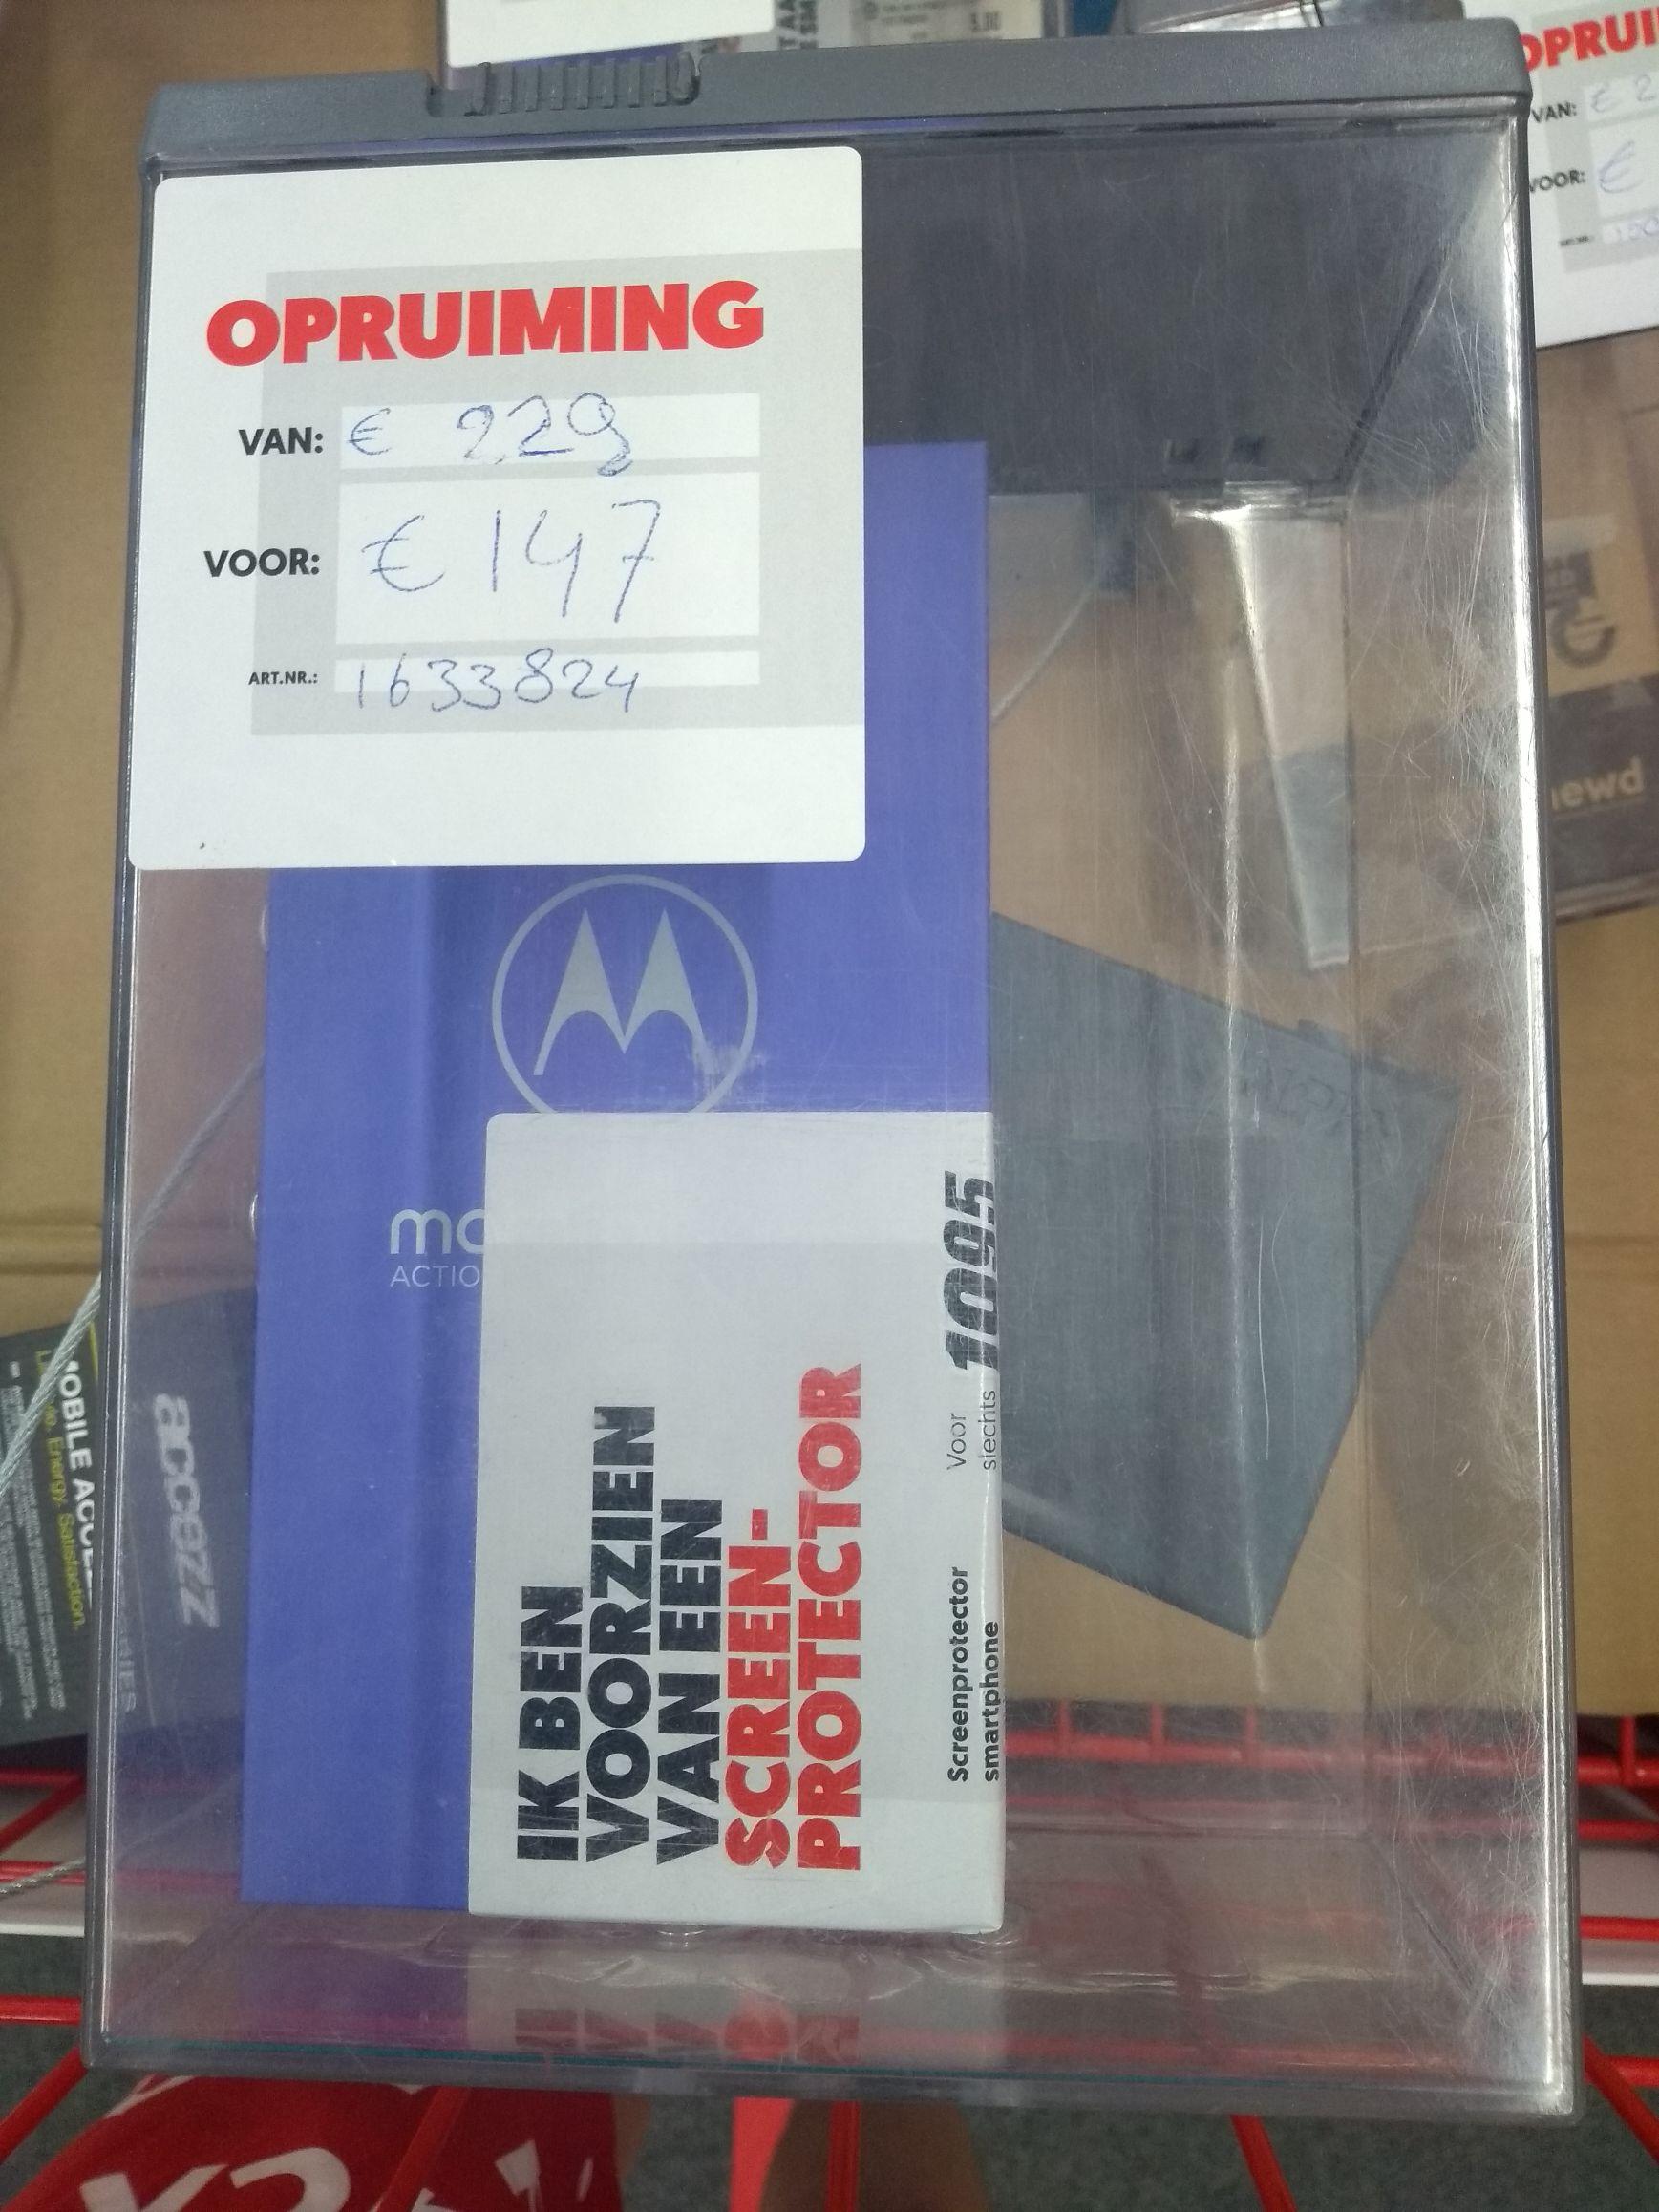 [LOKAAL] Motorola One Action Smartphone voor €147 @ MediaMarkt Almere